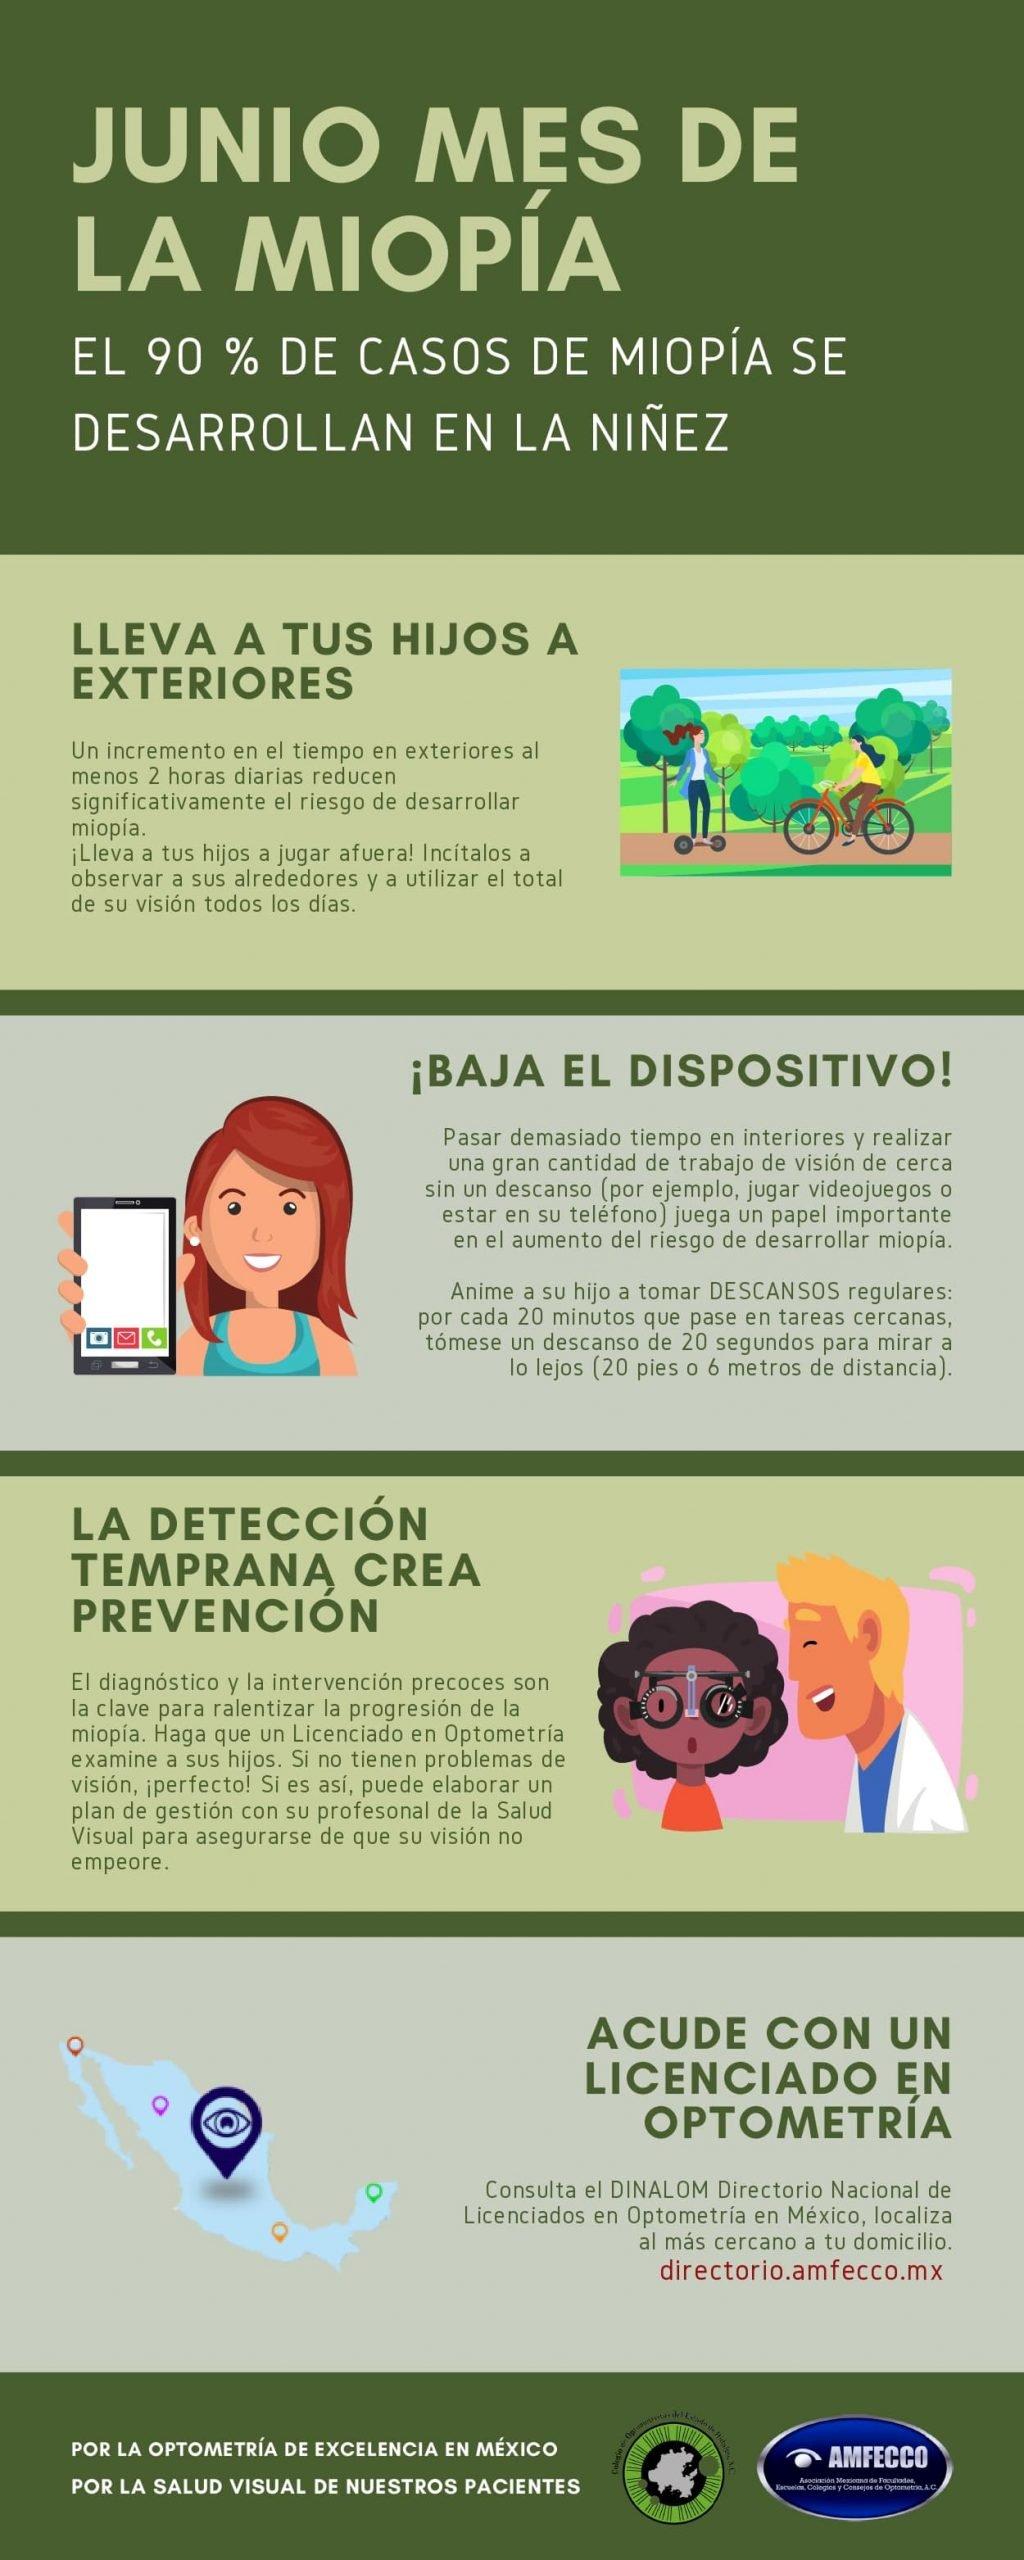 Miopía - Colegio de Optometristas de Hidalgo